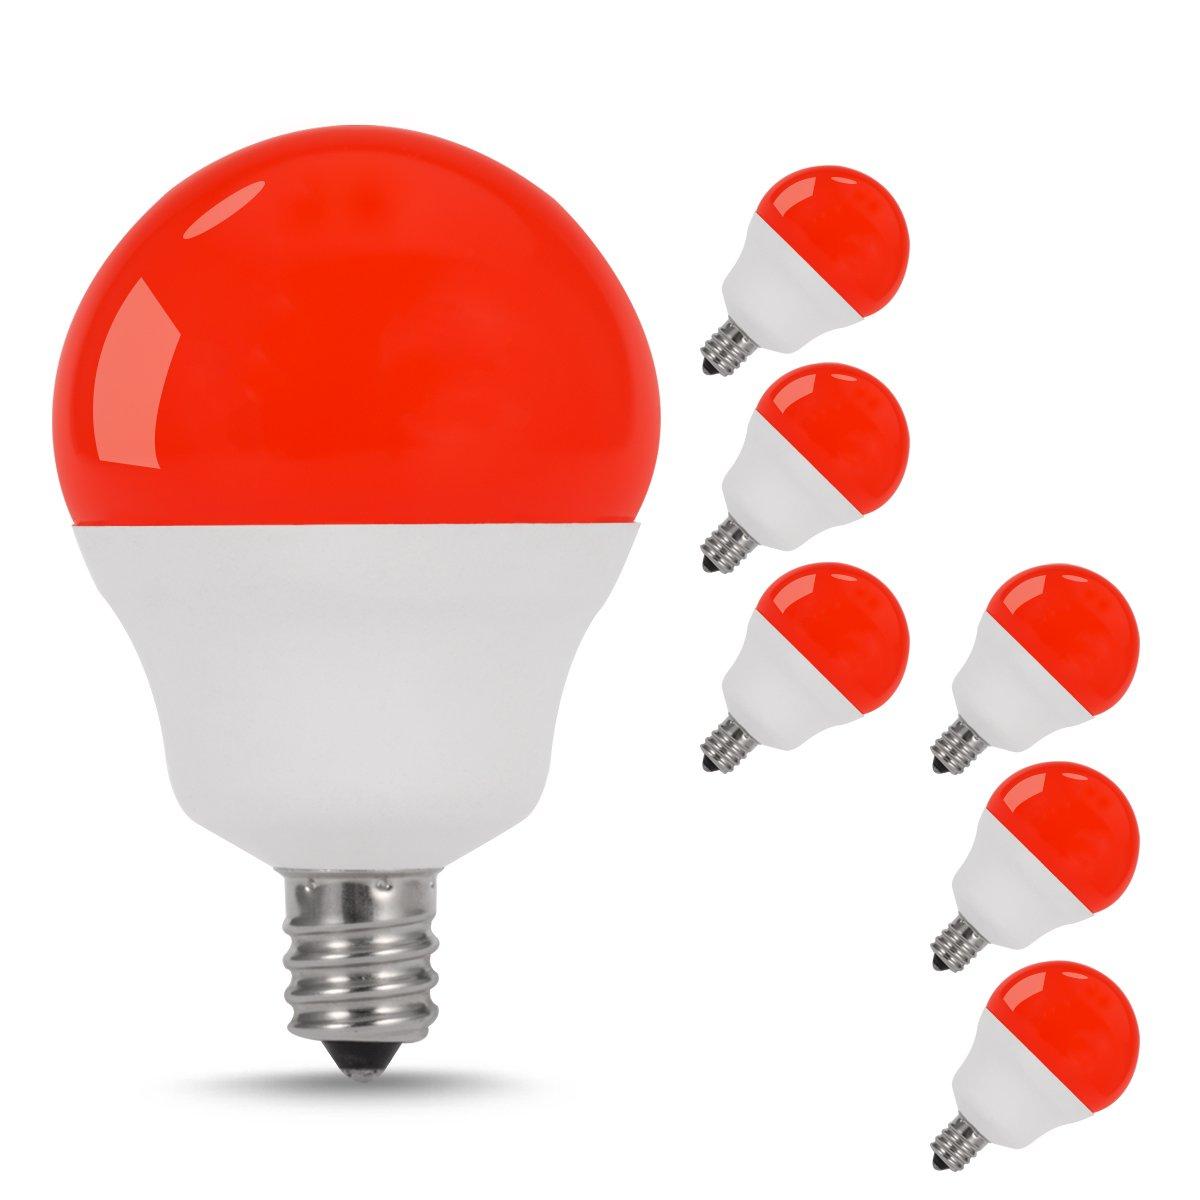 jandcase LEDレッドライト電球、5 W (40 W電球相当、e12ベース、g14グローブ電球の装飾照明、6パック B079QZ35VP